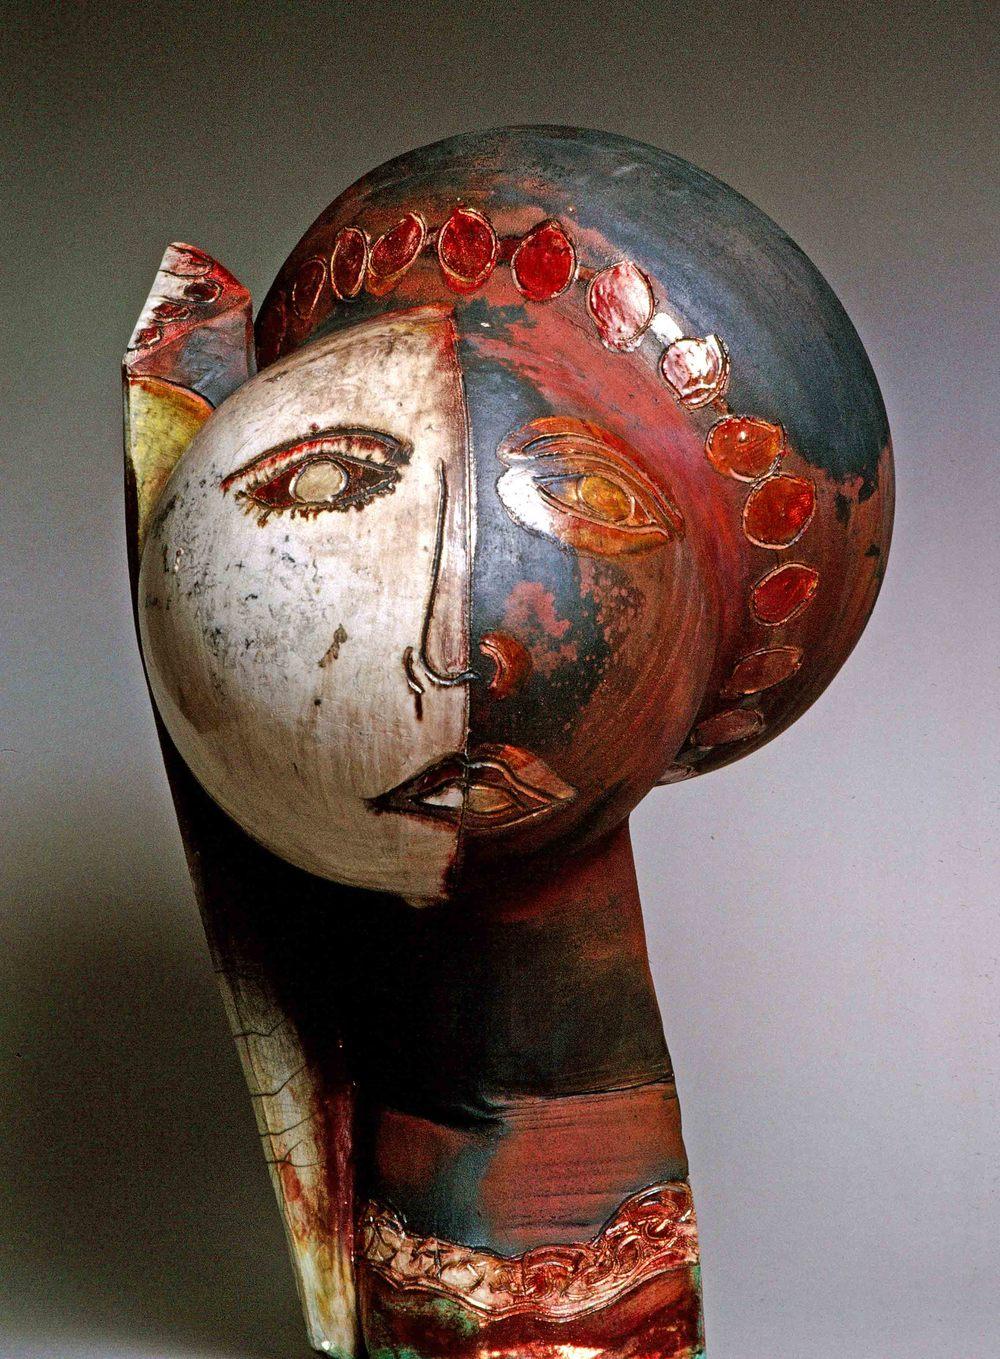 sculpture-52.jpg